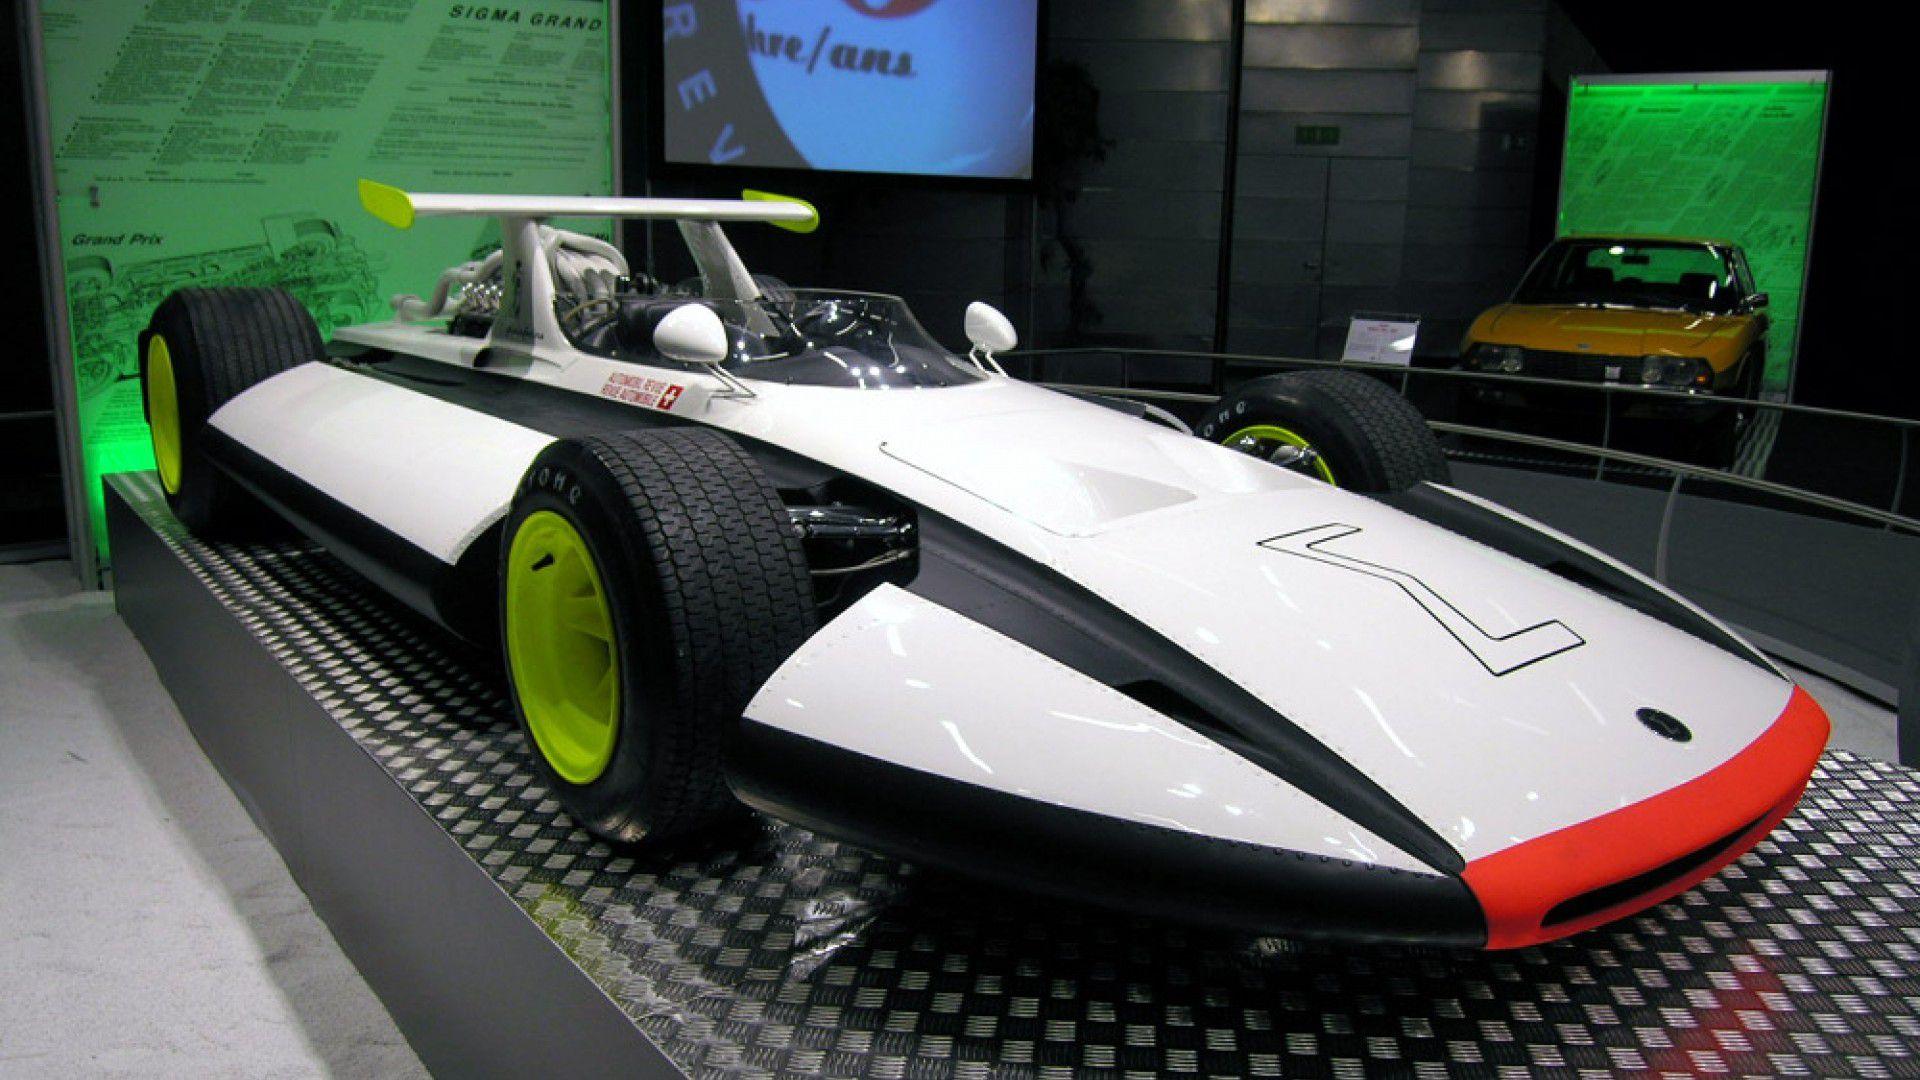 Ferrari Sigma Grand Prix